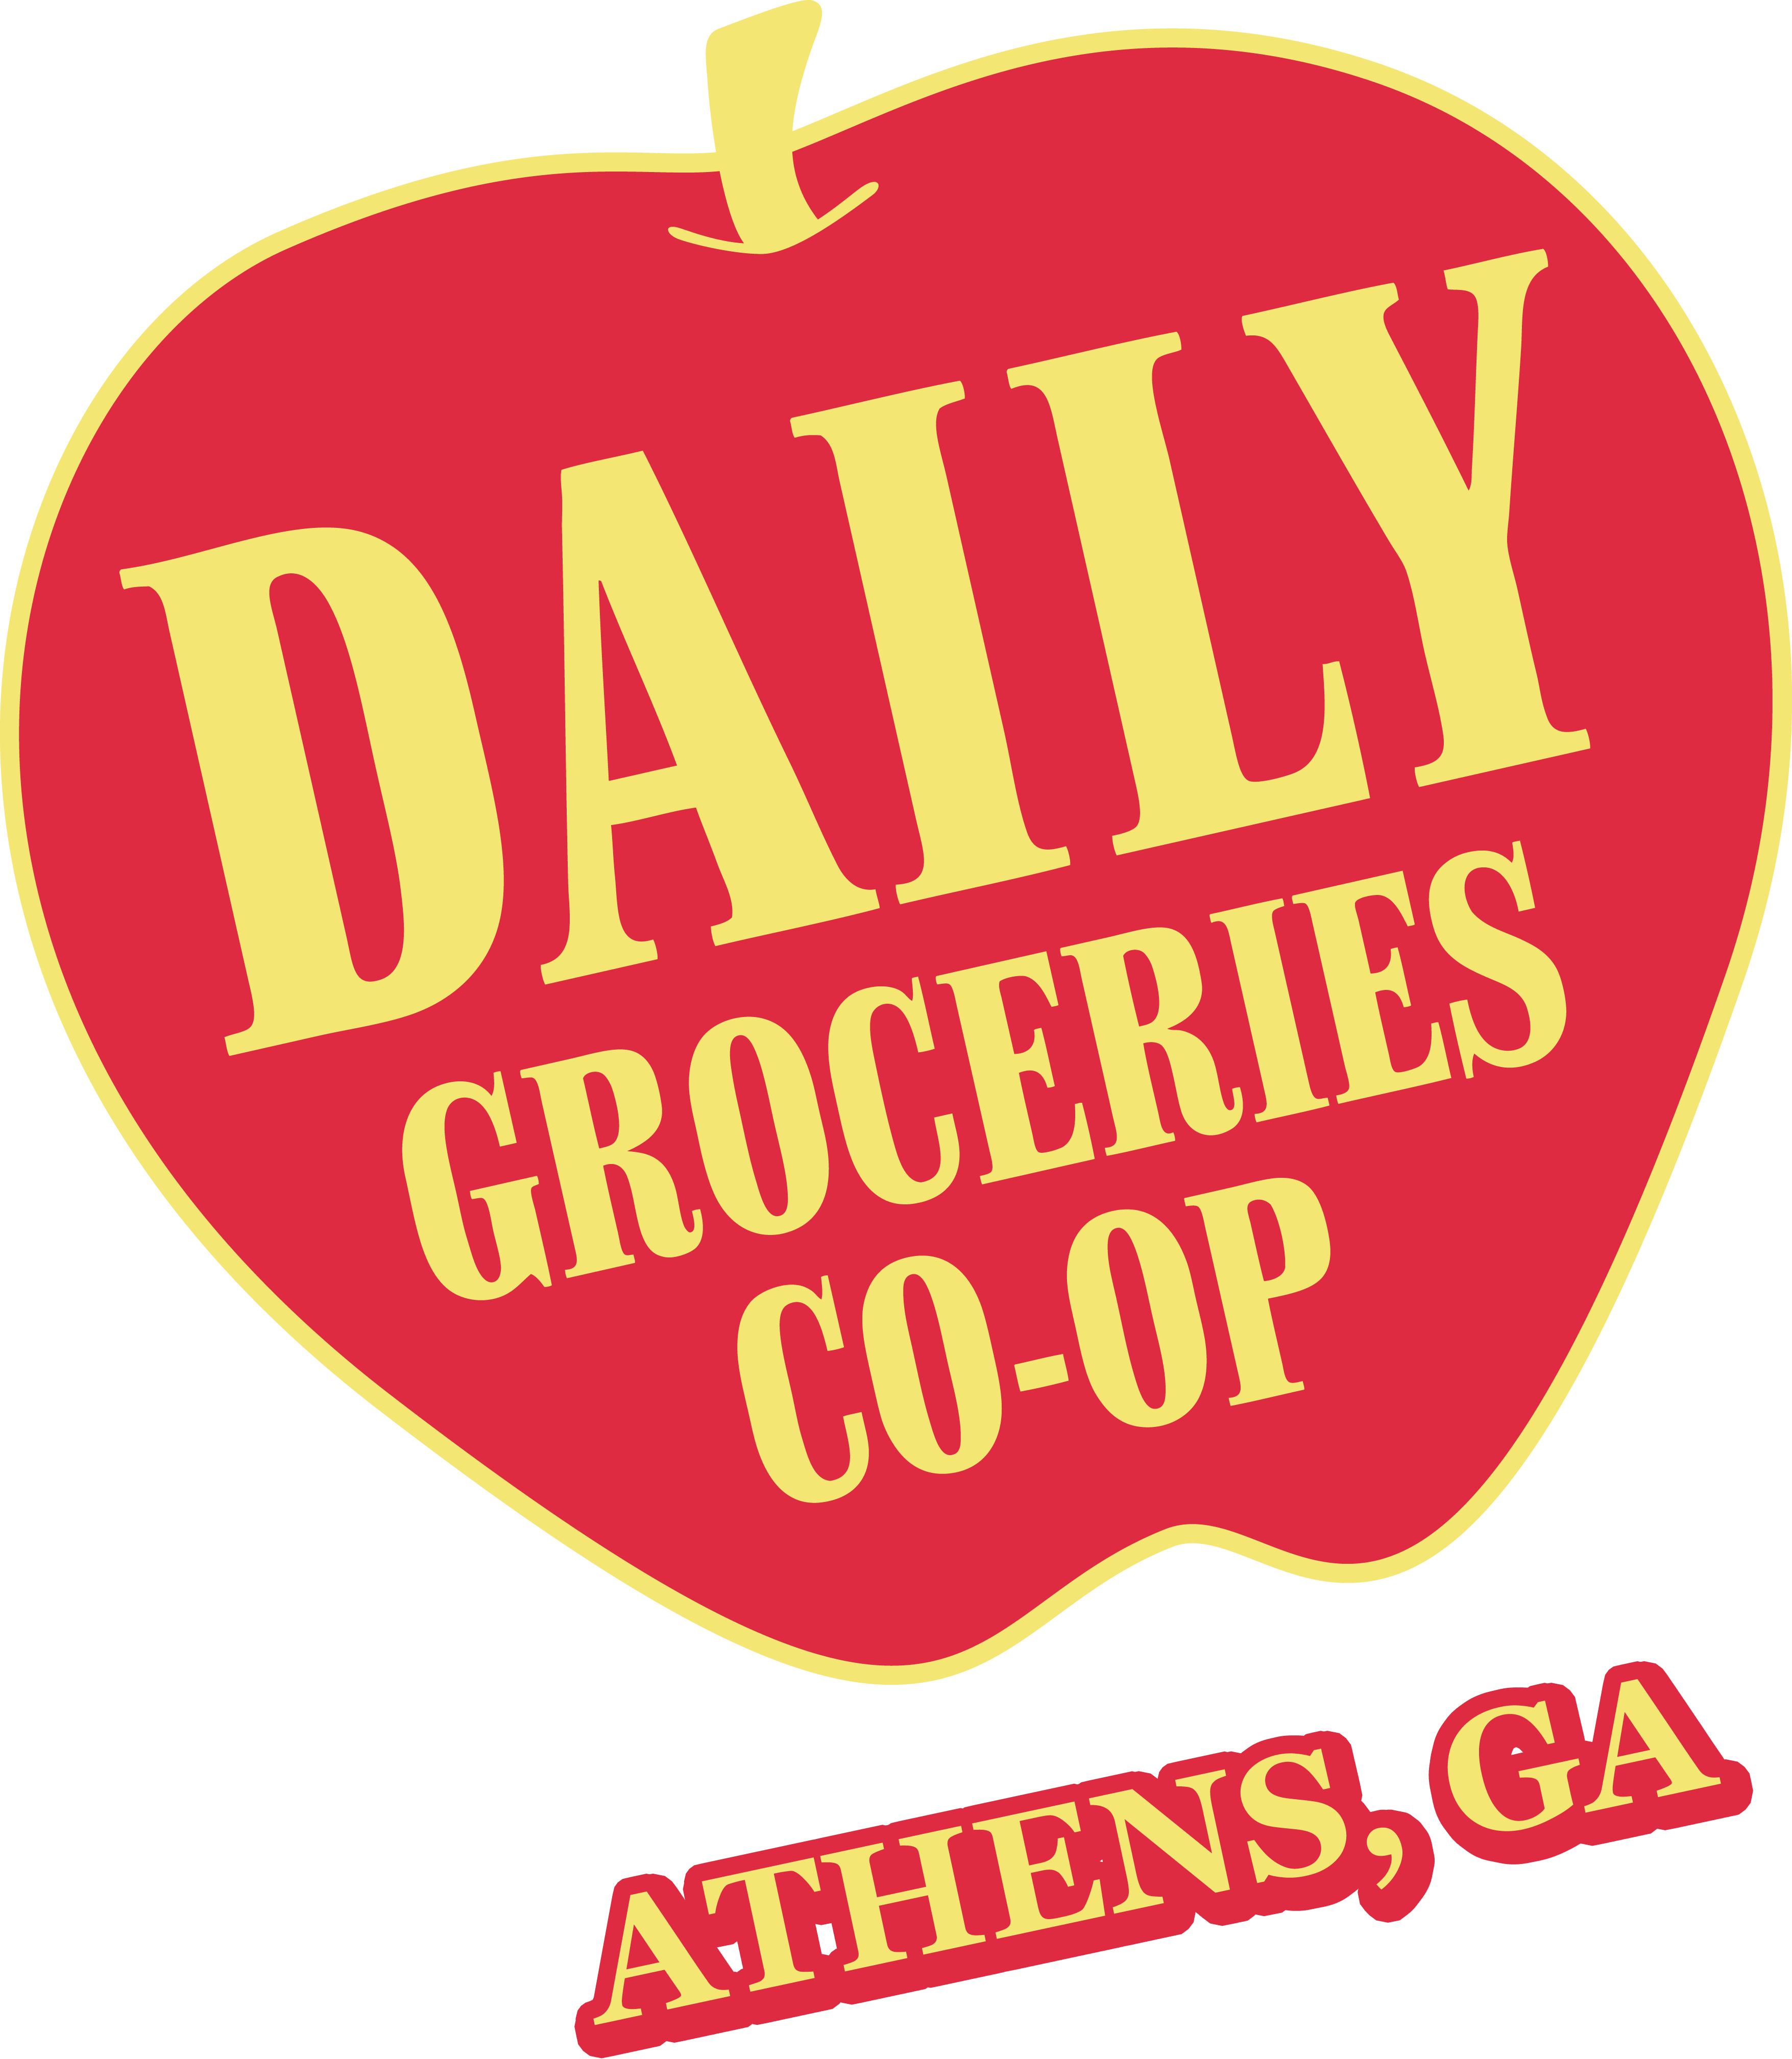 Daily_Groceries.jpg